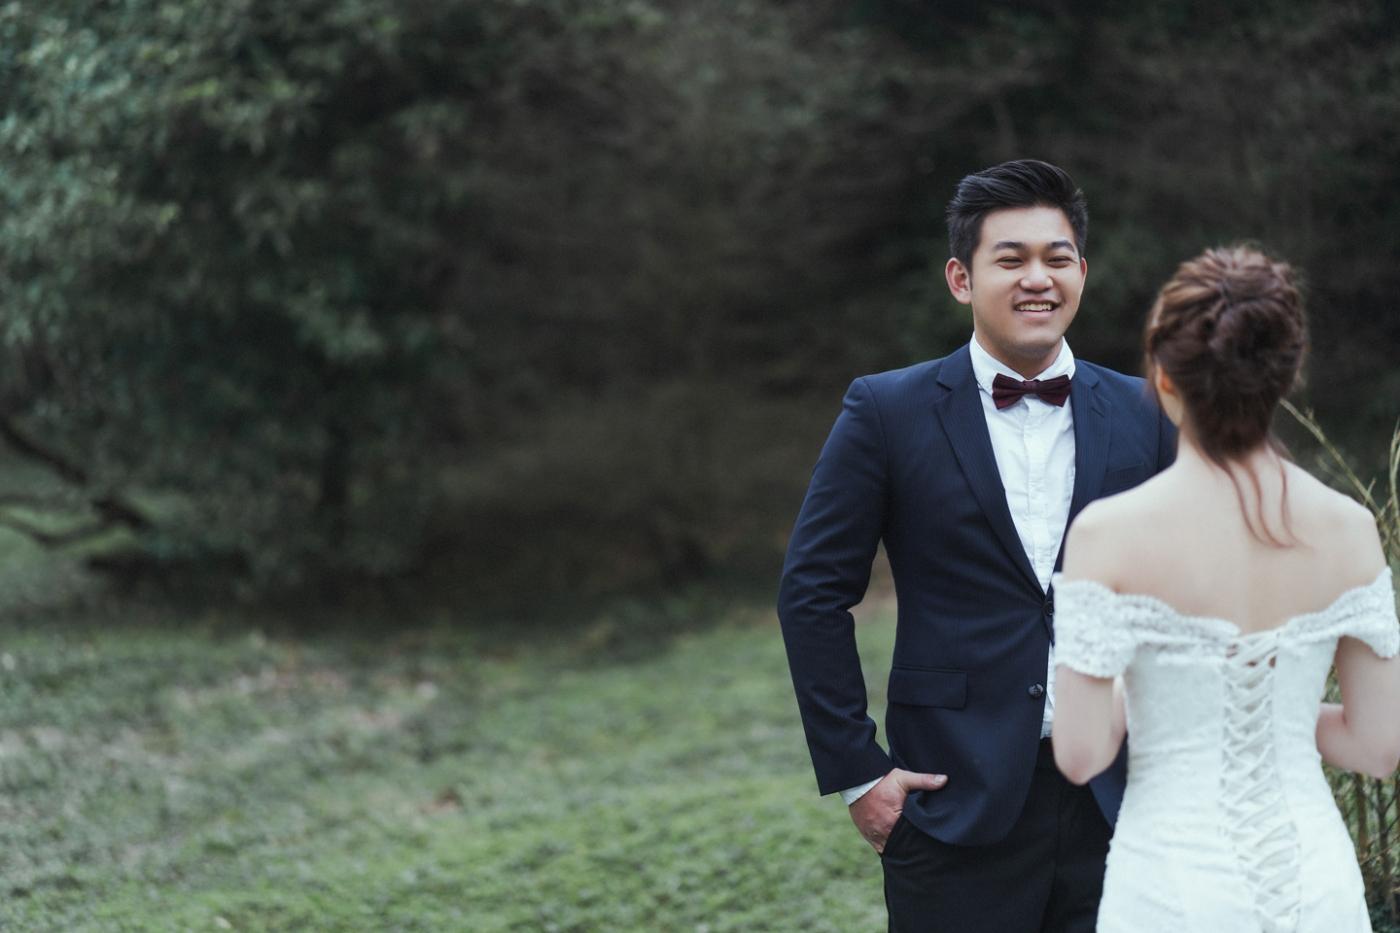 婚紗攝影 婚紗 美式婚紗 自然互動 笑容 冷水坑婚紗 陽明山婚紗 花卉試驗中心婚紗 攝影師 冬伴影像 北部_DB_9041